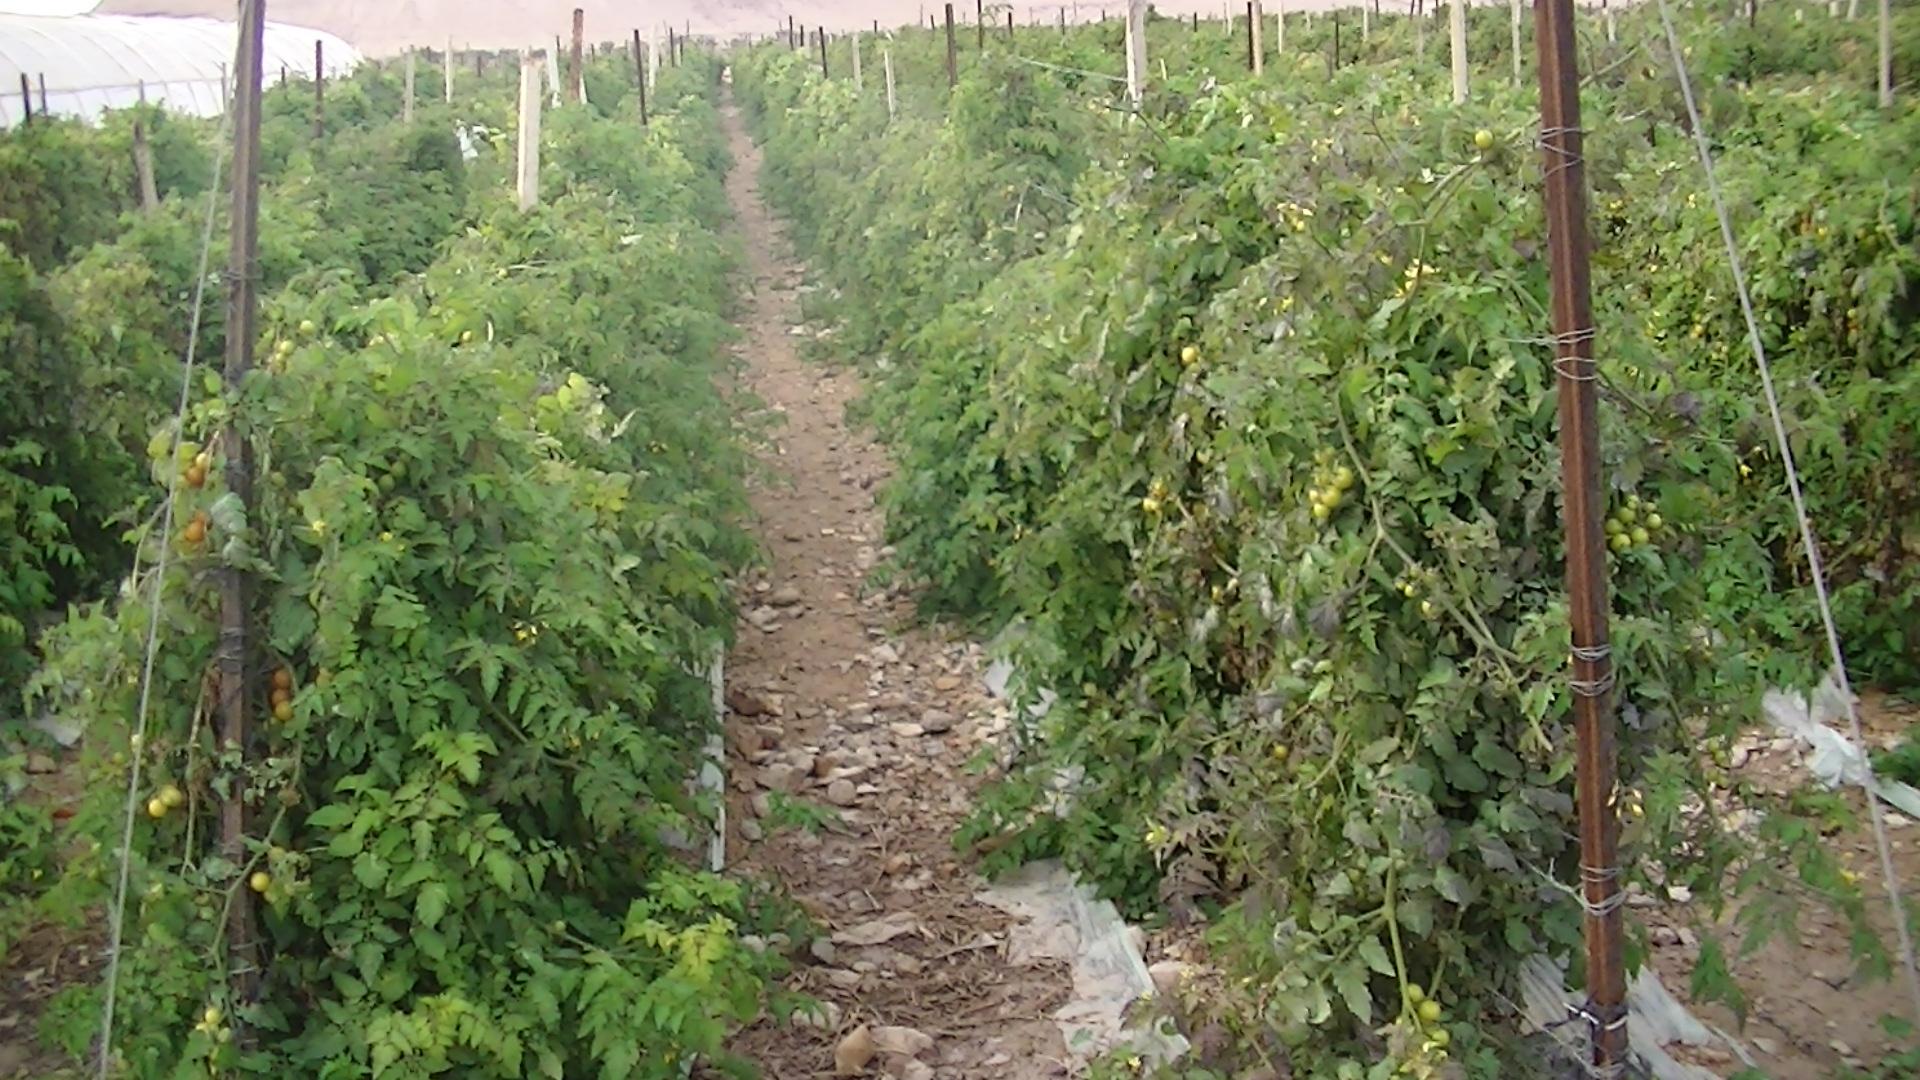 The fields of Beit Ha'Arava - photo taken by Corporate Watch, February 2013